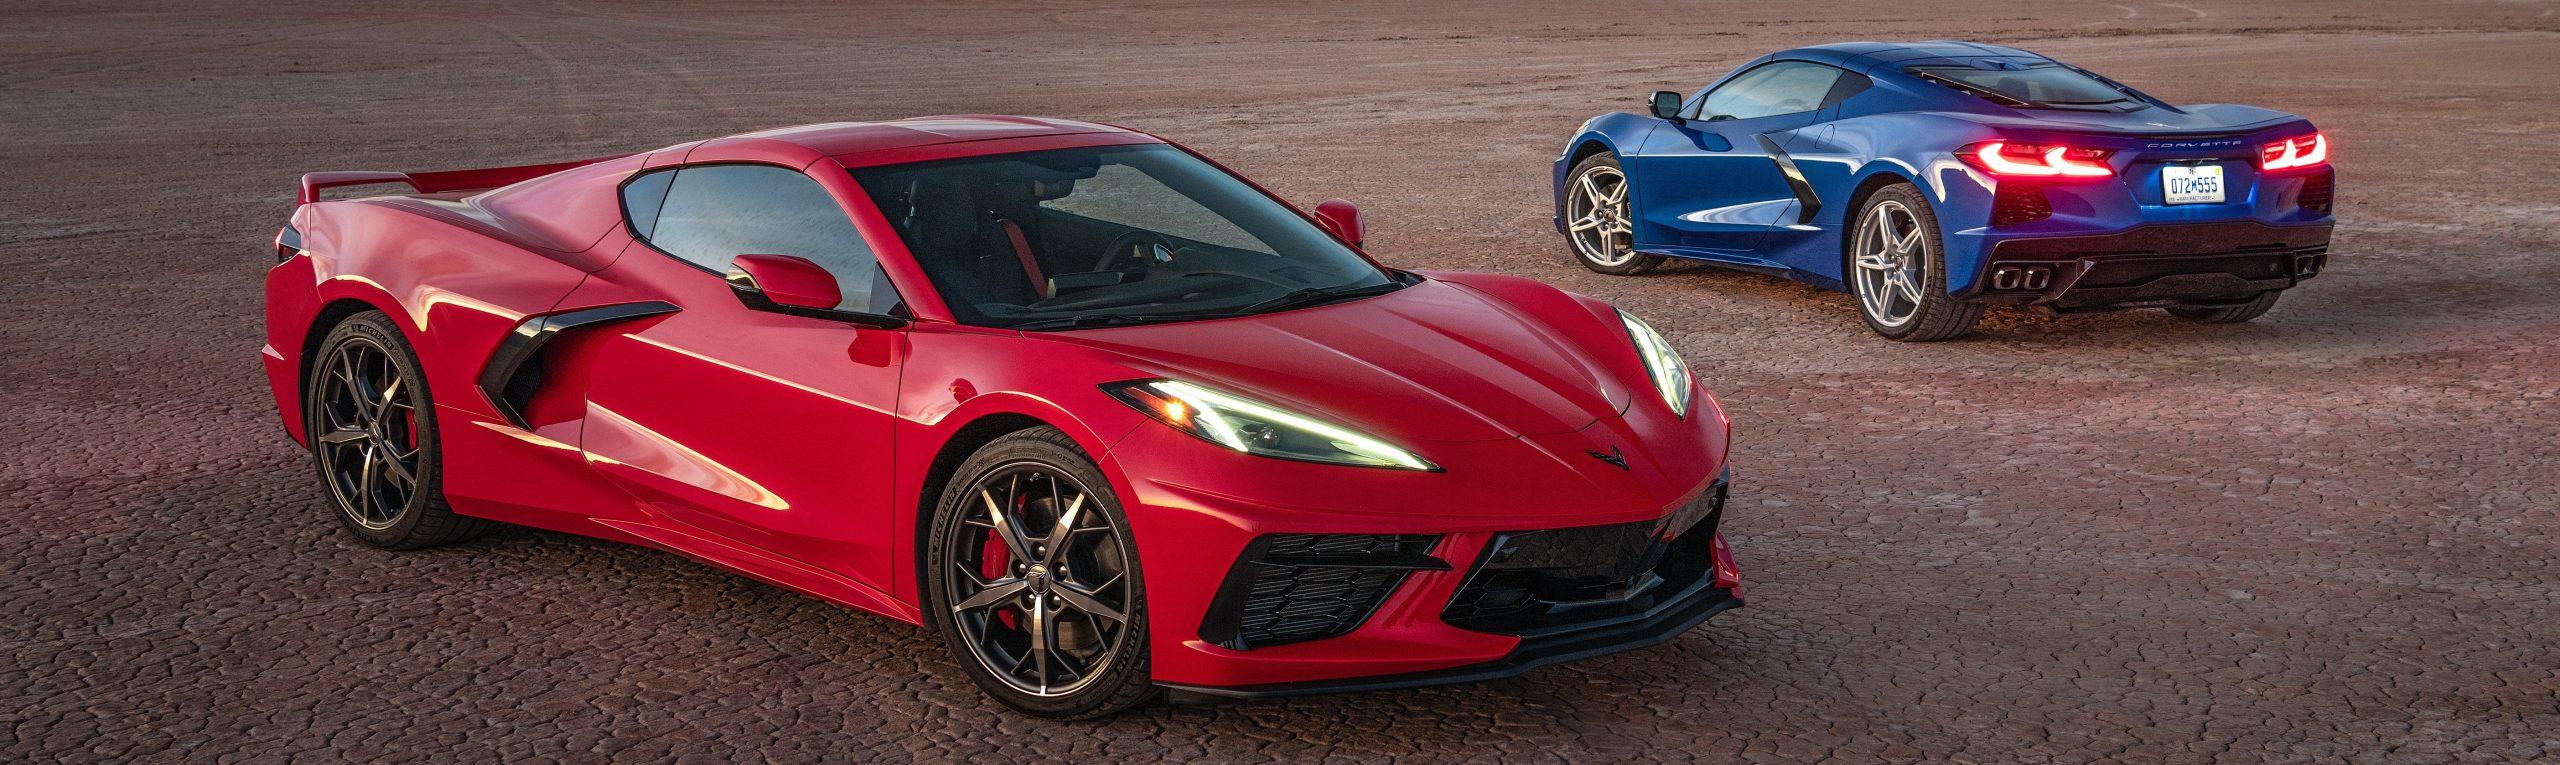 2020-corvette-c8-stingray-blue